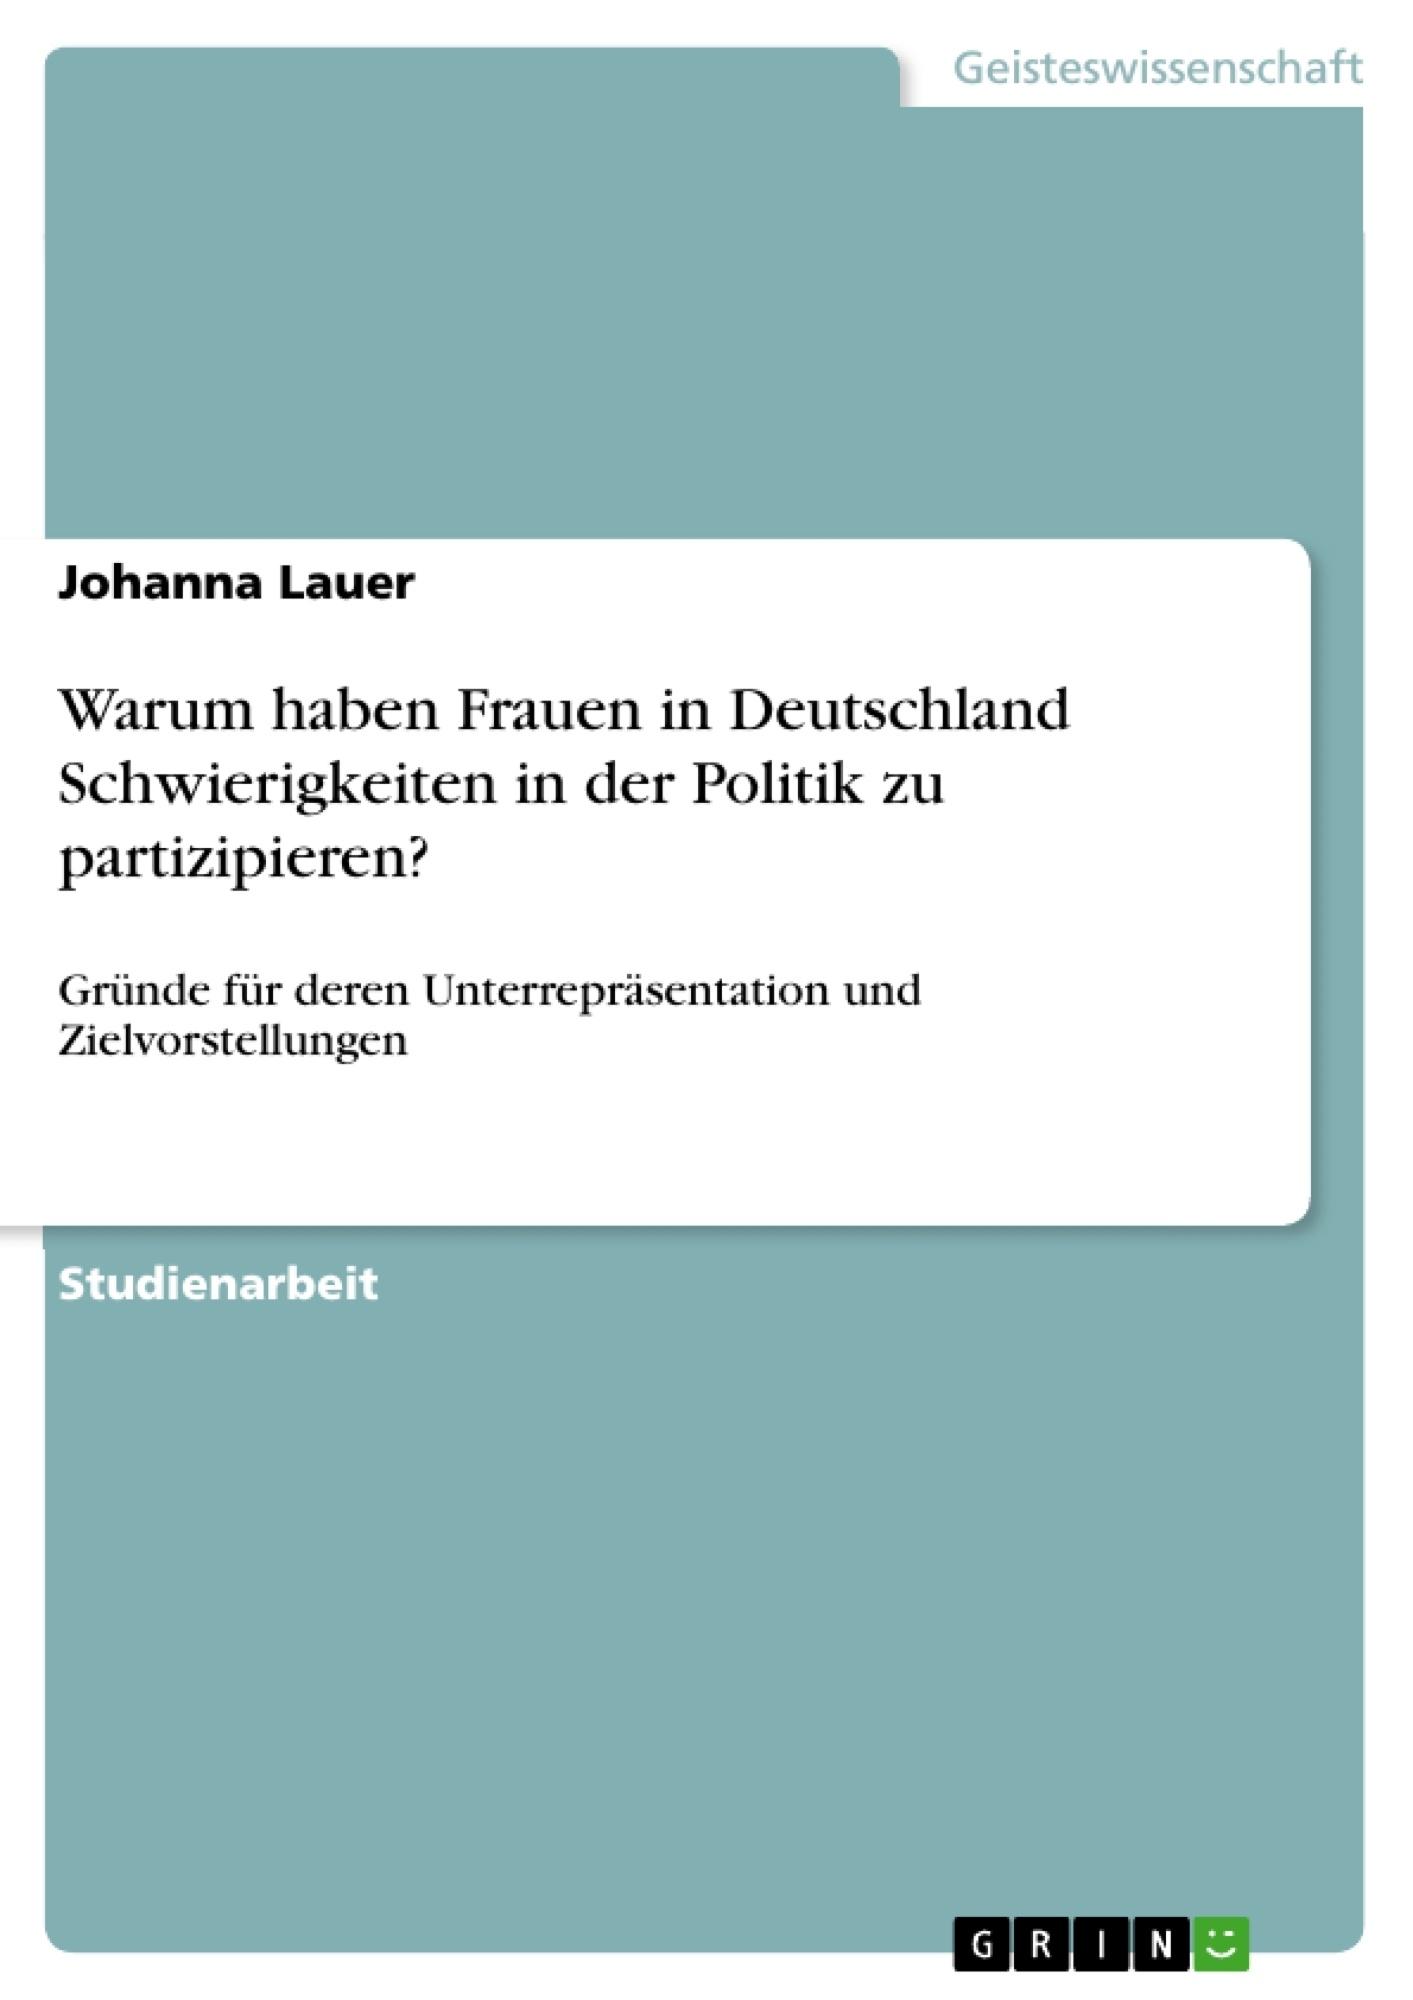 Titel: Warum haben Frauen in Deutschland Schwierigkeiten in der Politik zu partizipieren?